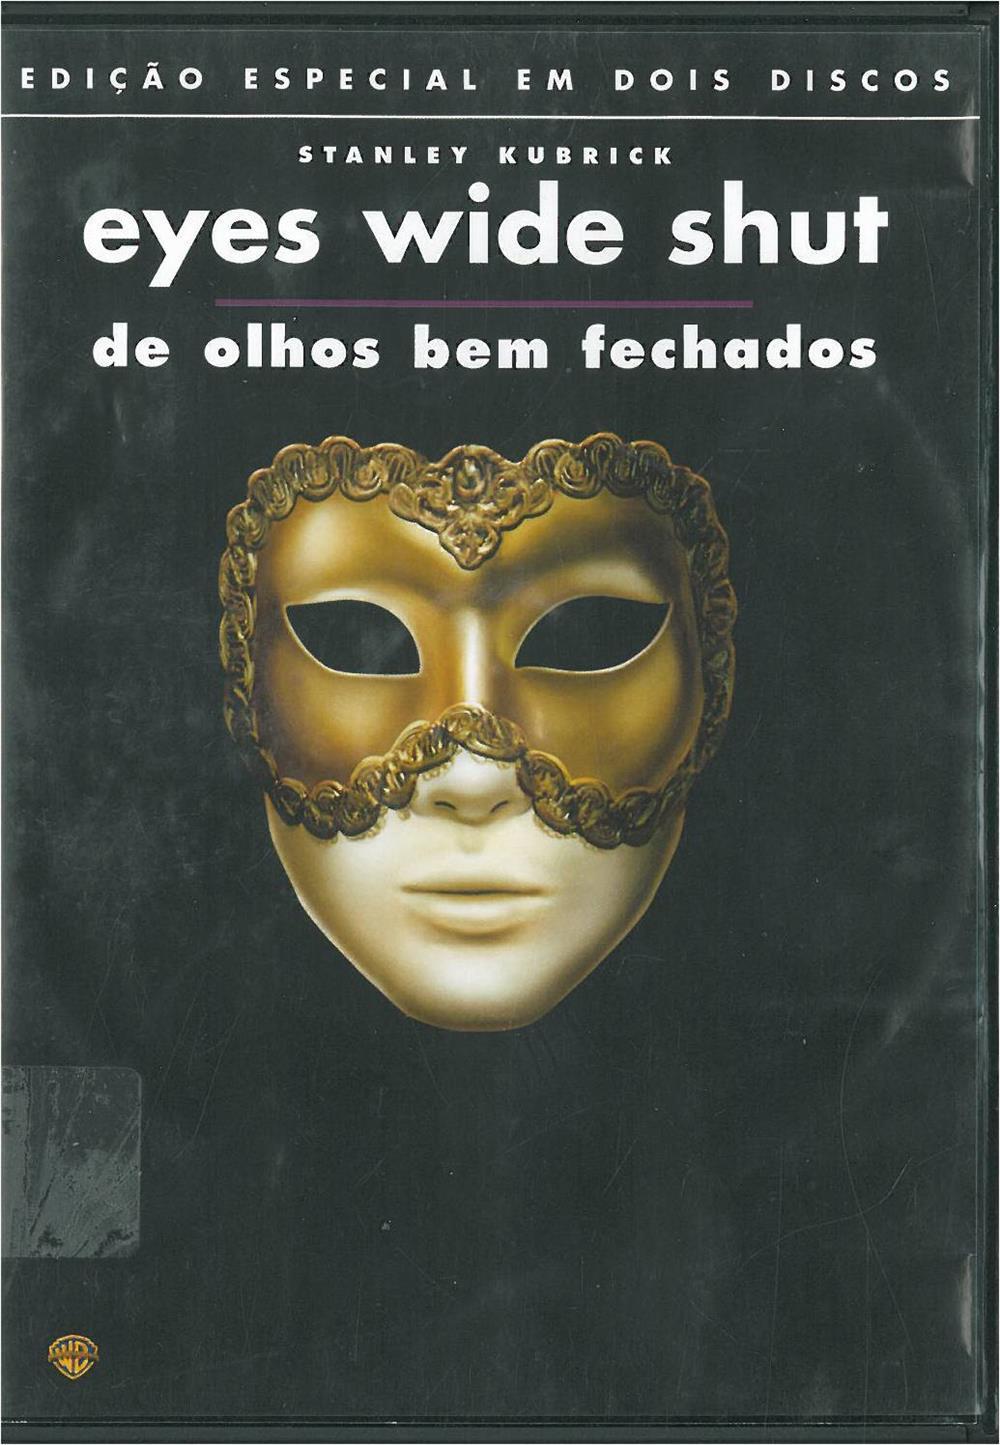 De olhos bem fechados_DVD.jpg